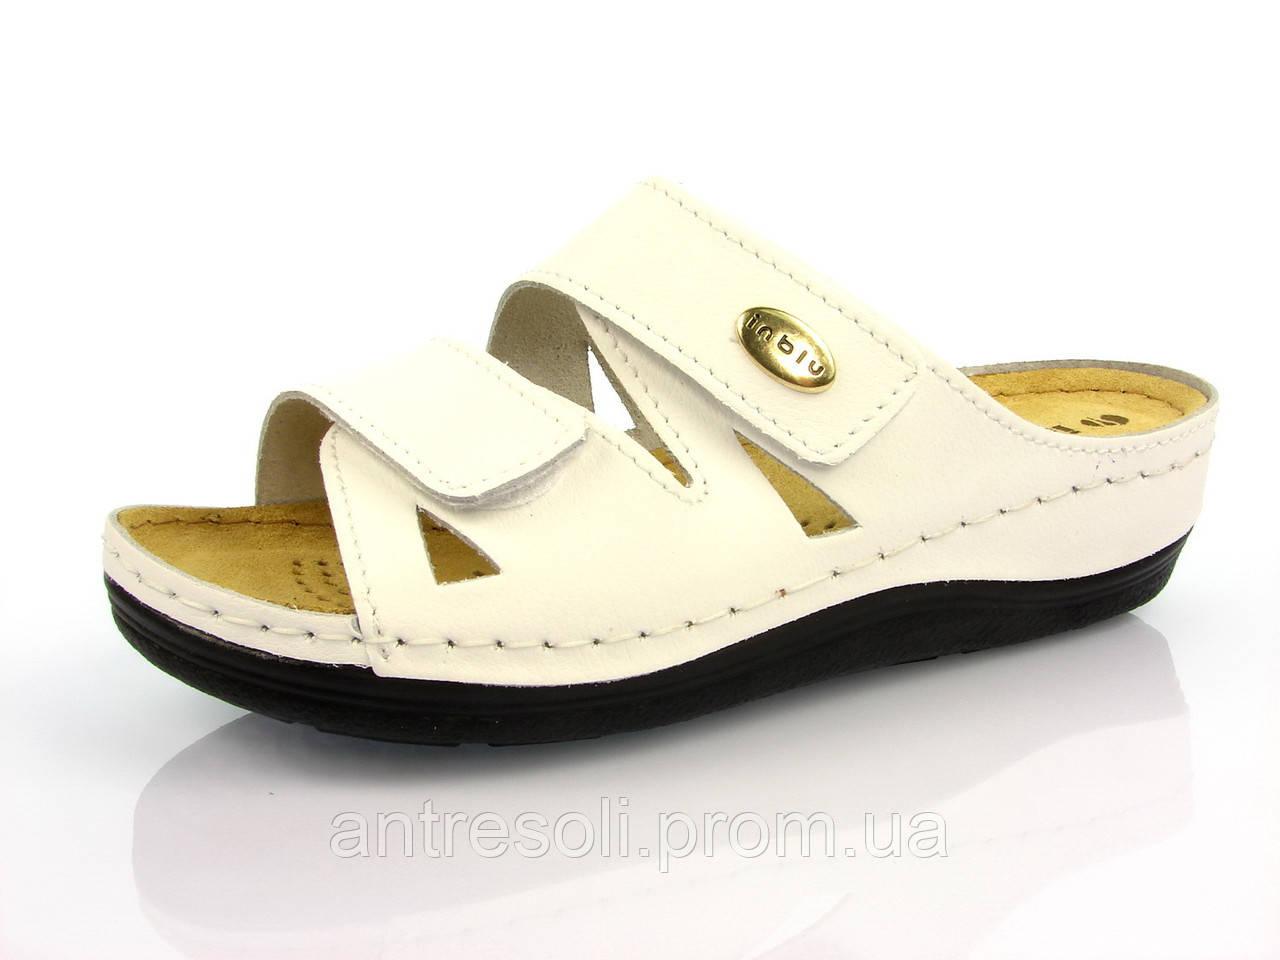 Ортопедическая женская обувь Inblu шлепанцы:LF-2/001